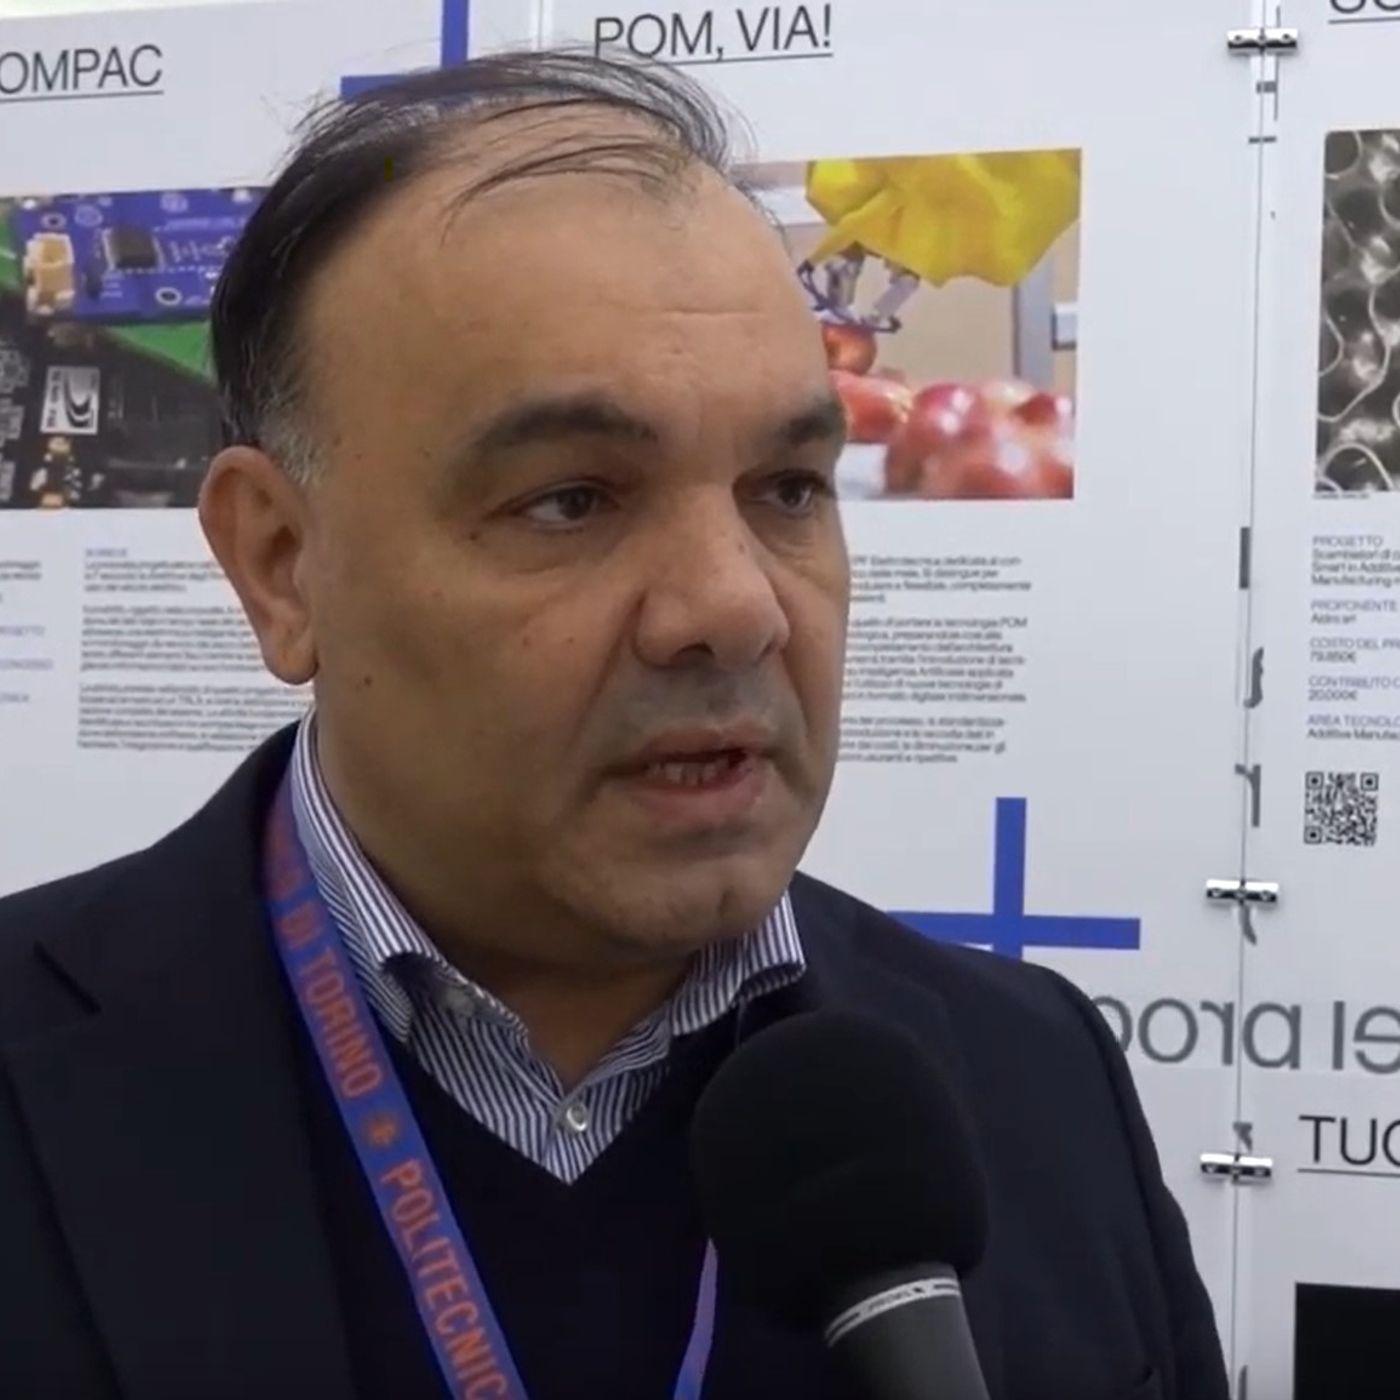 Enrico Pisino - Il ruolo dei Competence Center a supporto dell'innovazione 4.0